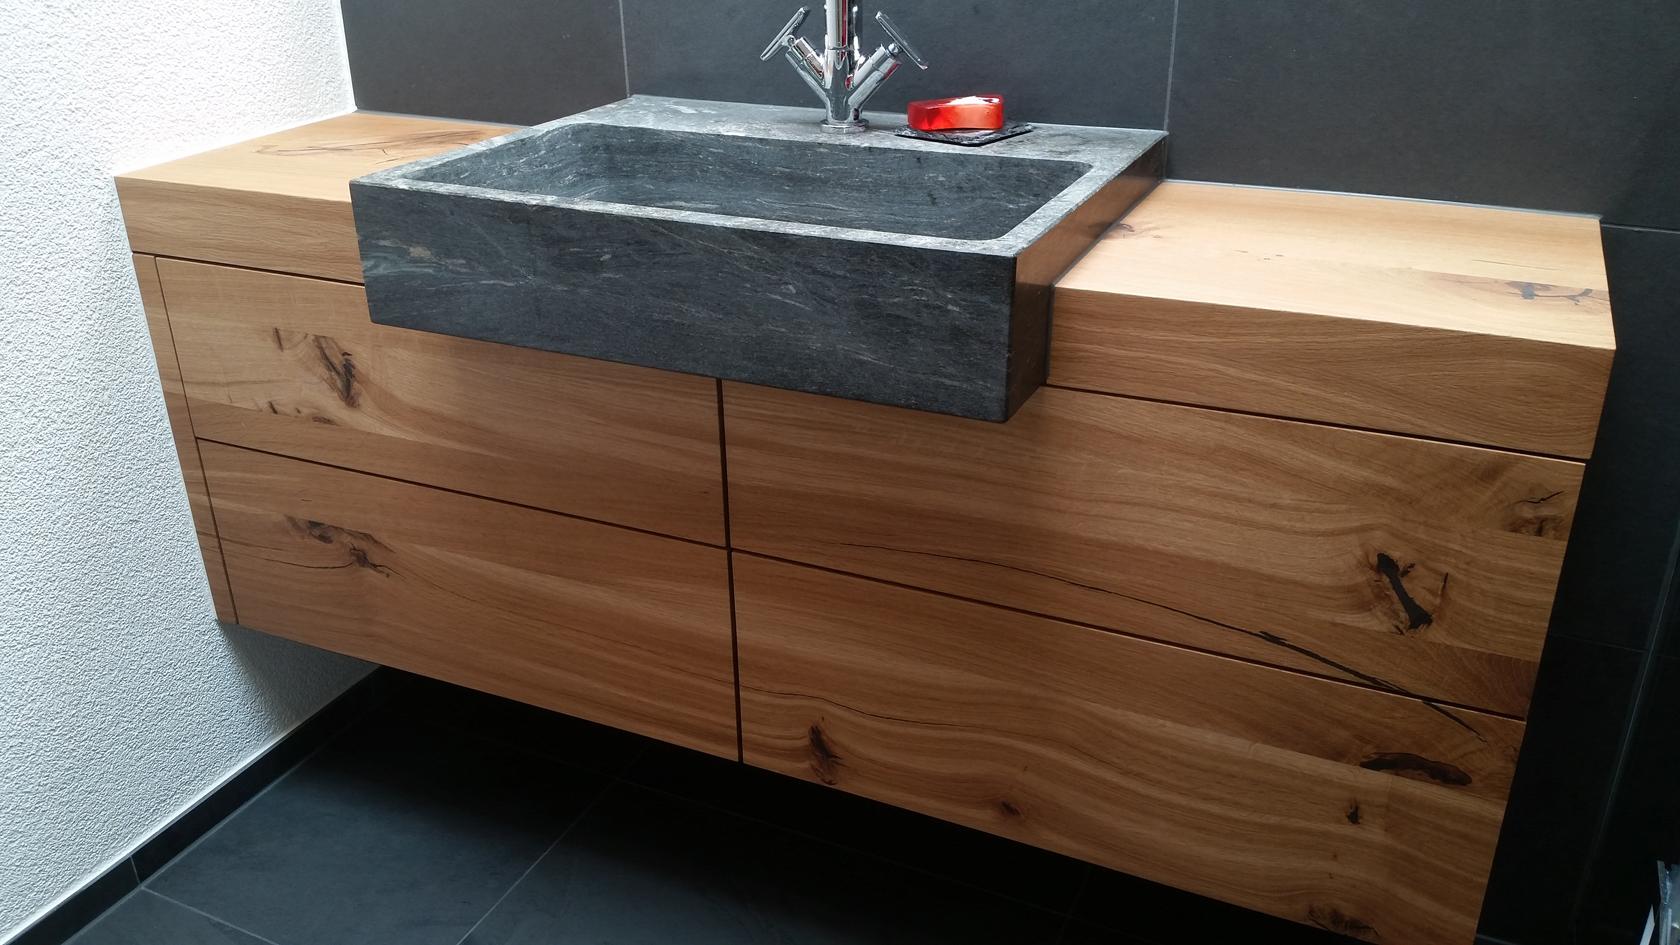 badezimmer moebel badmbel set schildmeyer sellin tlg badmbel set schildmeyer sellin tlg. Black Bedroom Furniture Sets. Home Design Ideas